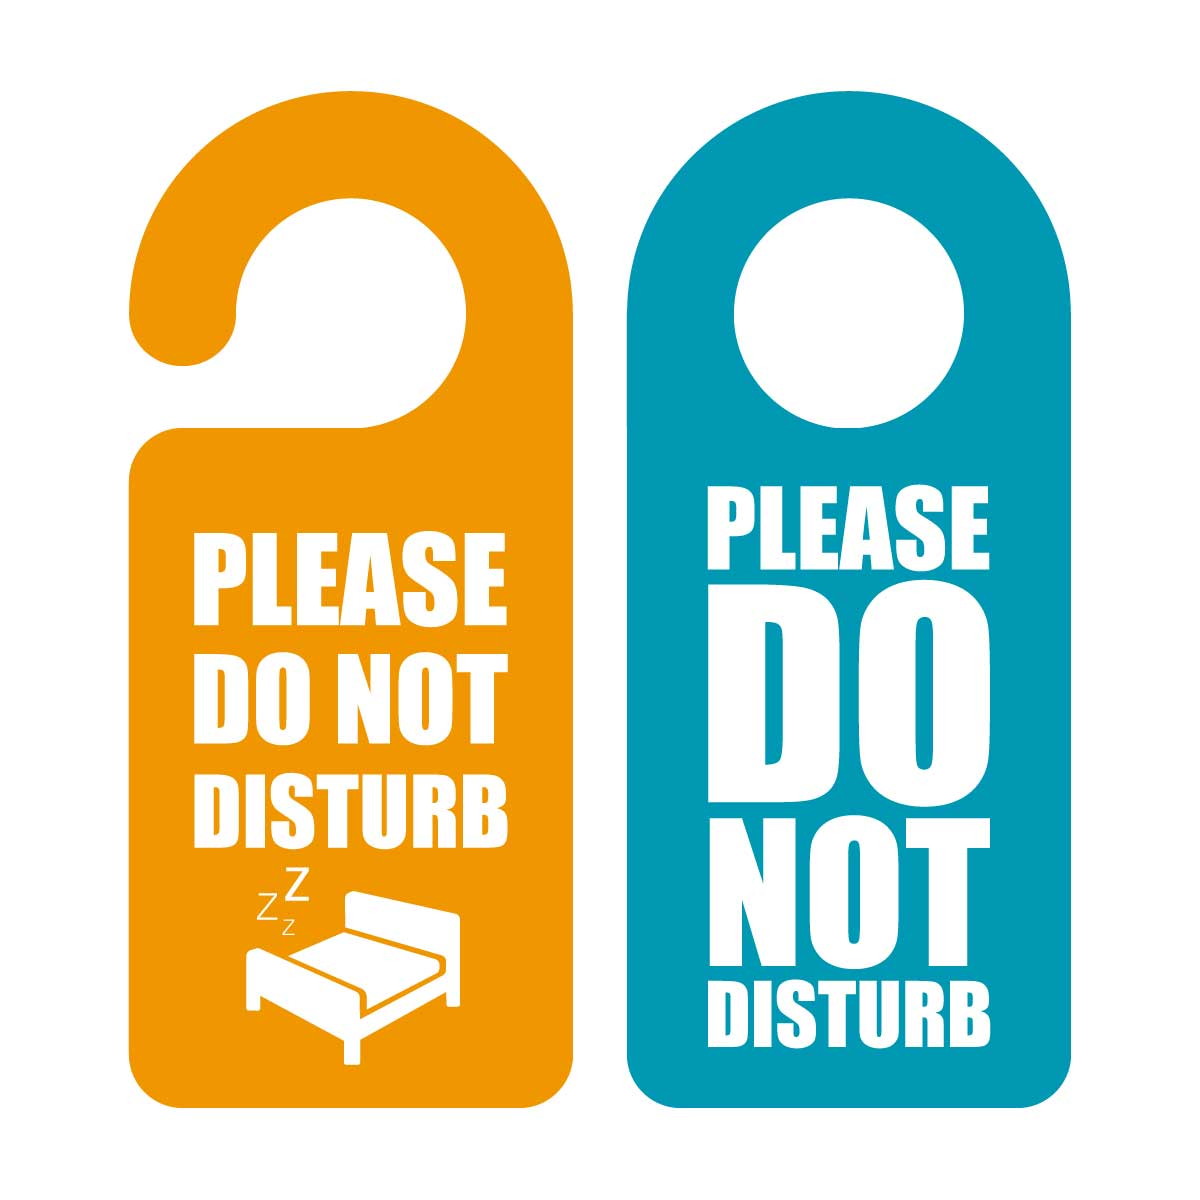 Printing your brand on door hangers